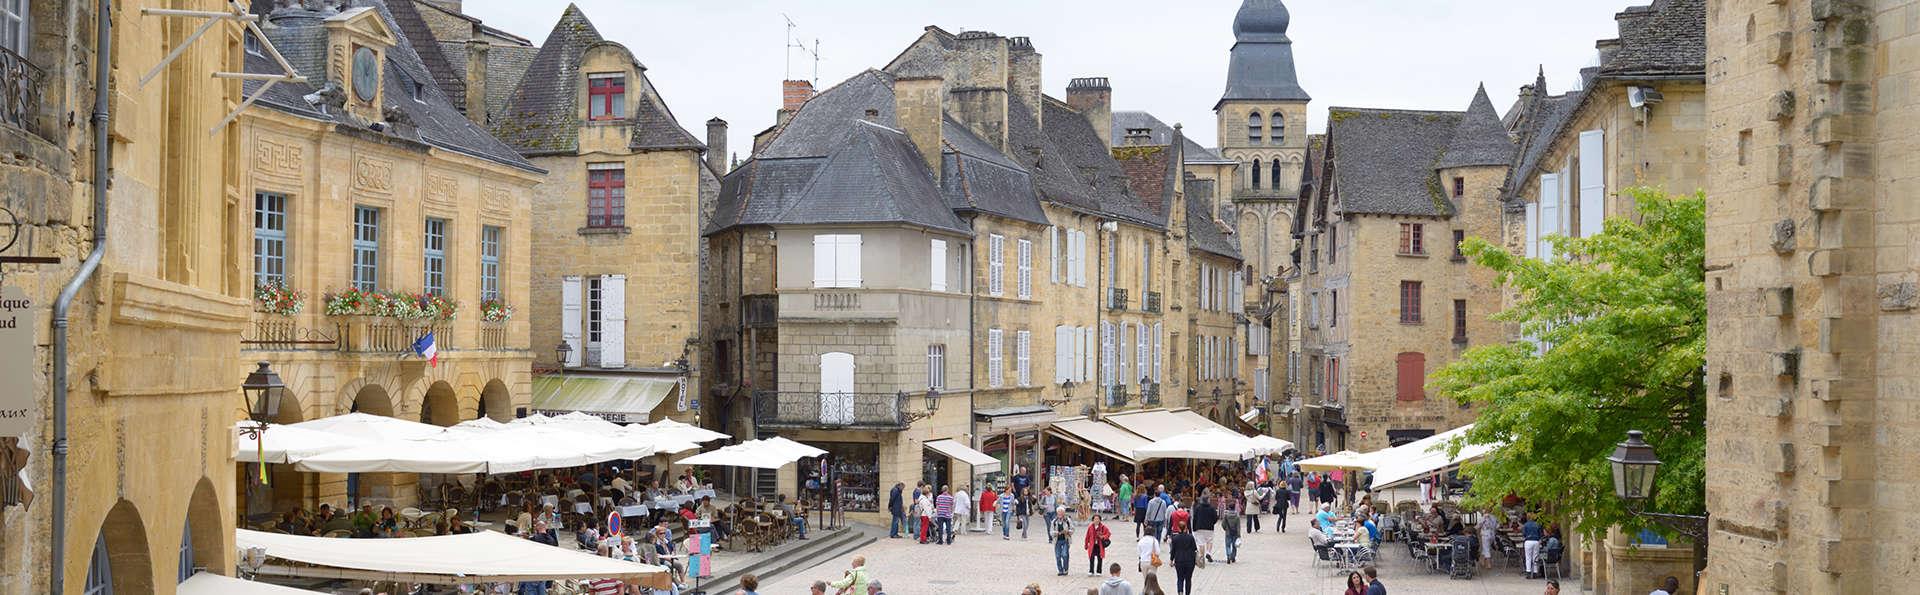 Best Western Hôtel Le Renoir - EDIT_Sarlat-la-Caneda_2.jpg